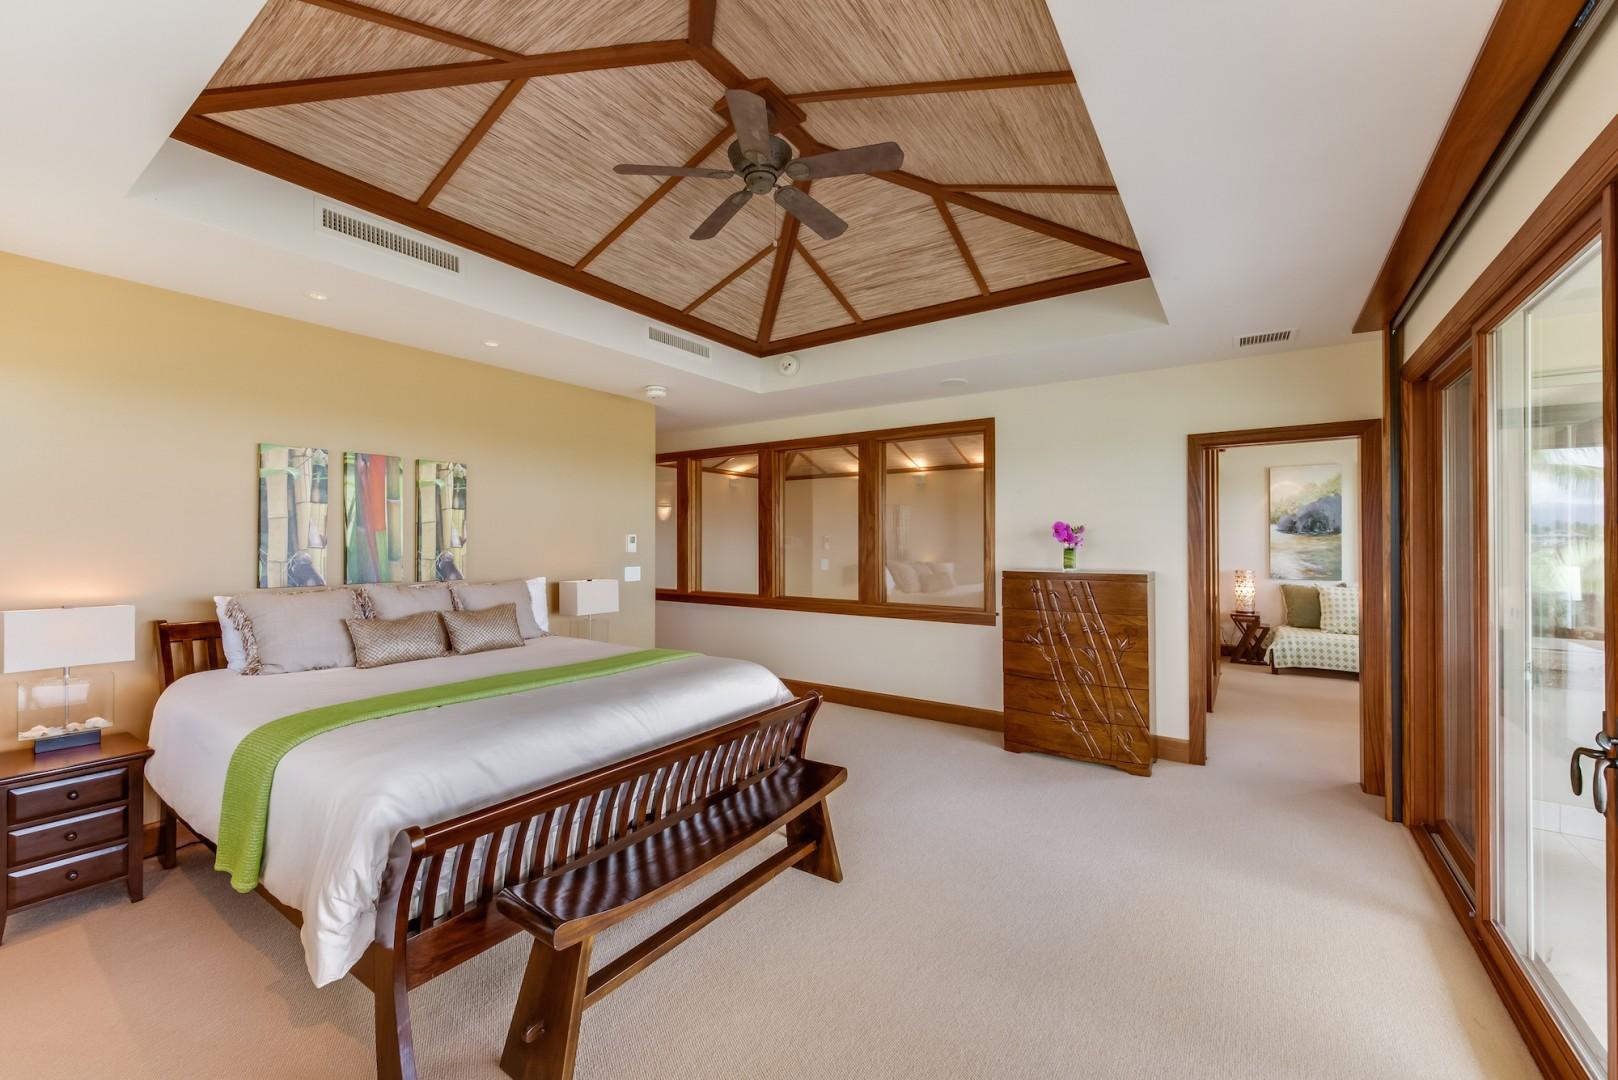 Alternate View of Spacious & Elegant Upstairs Master Bedroom Looking Toward Office